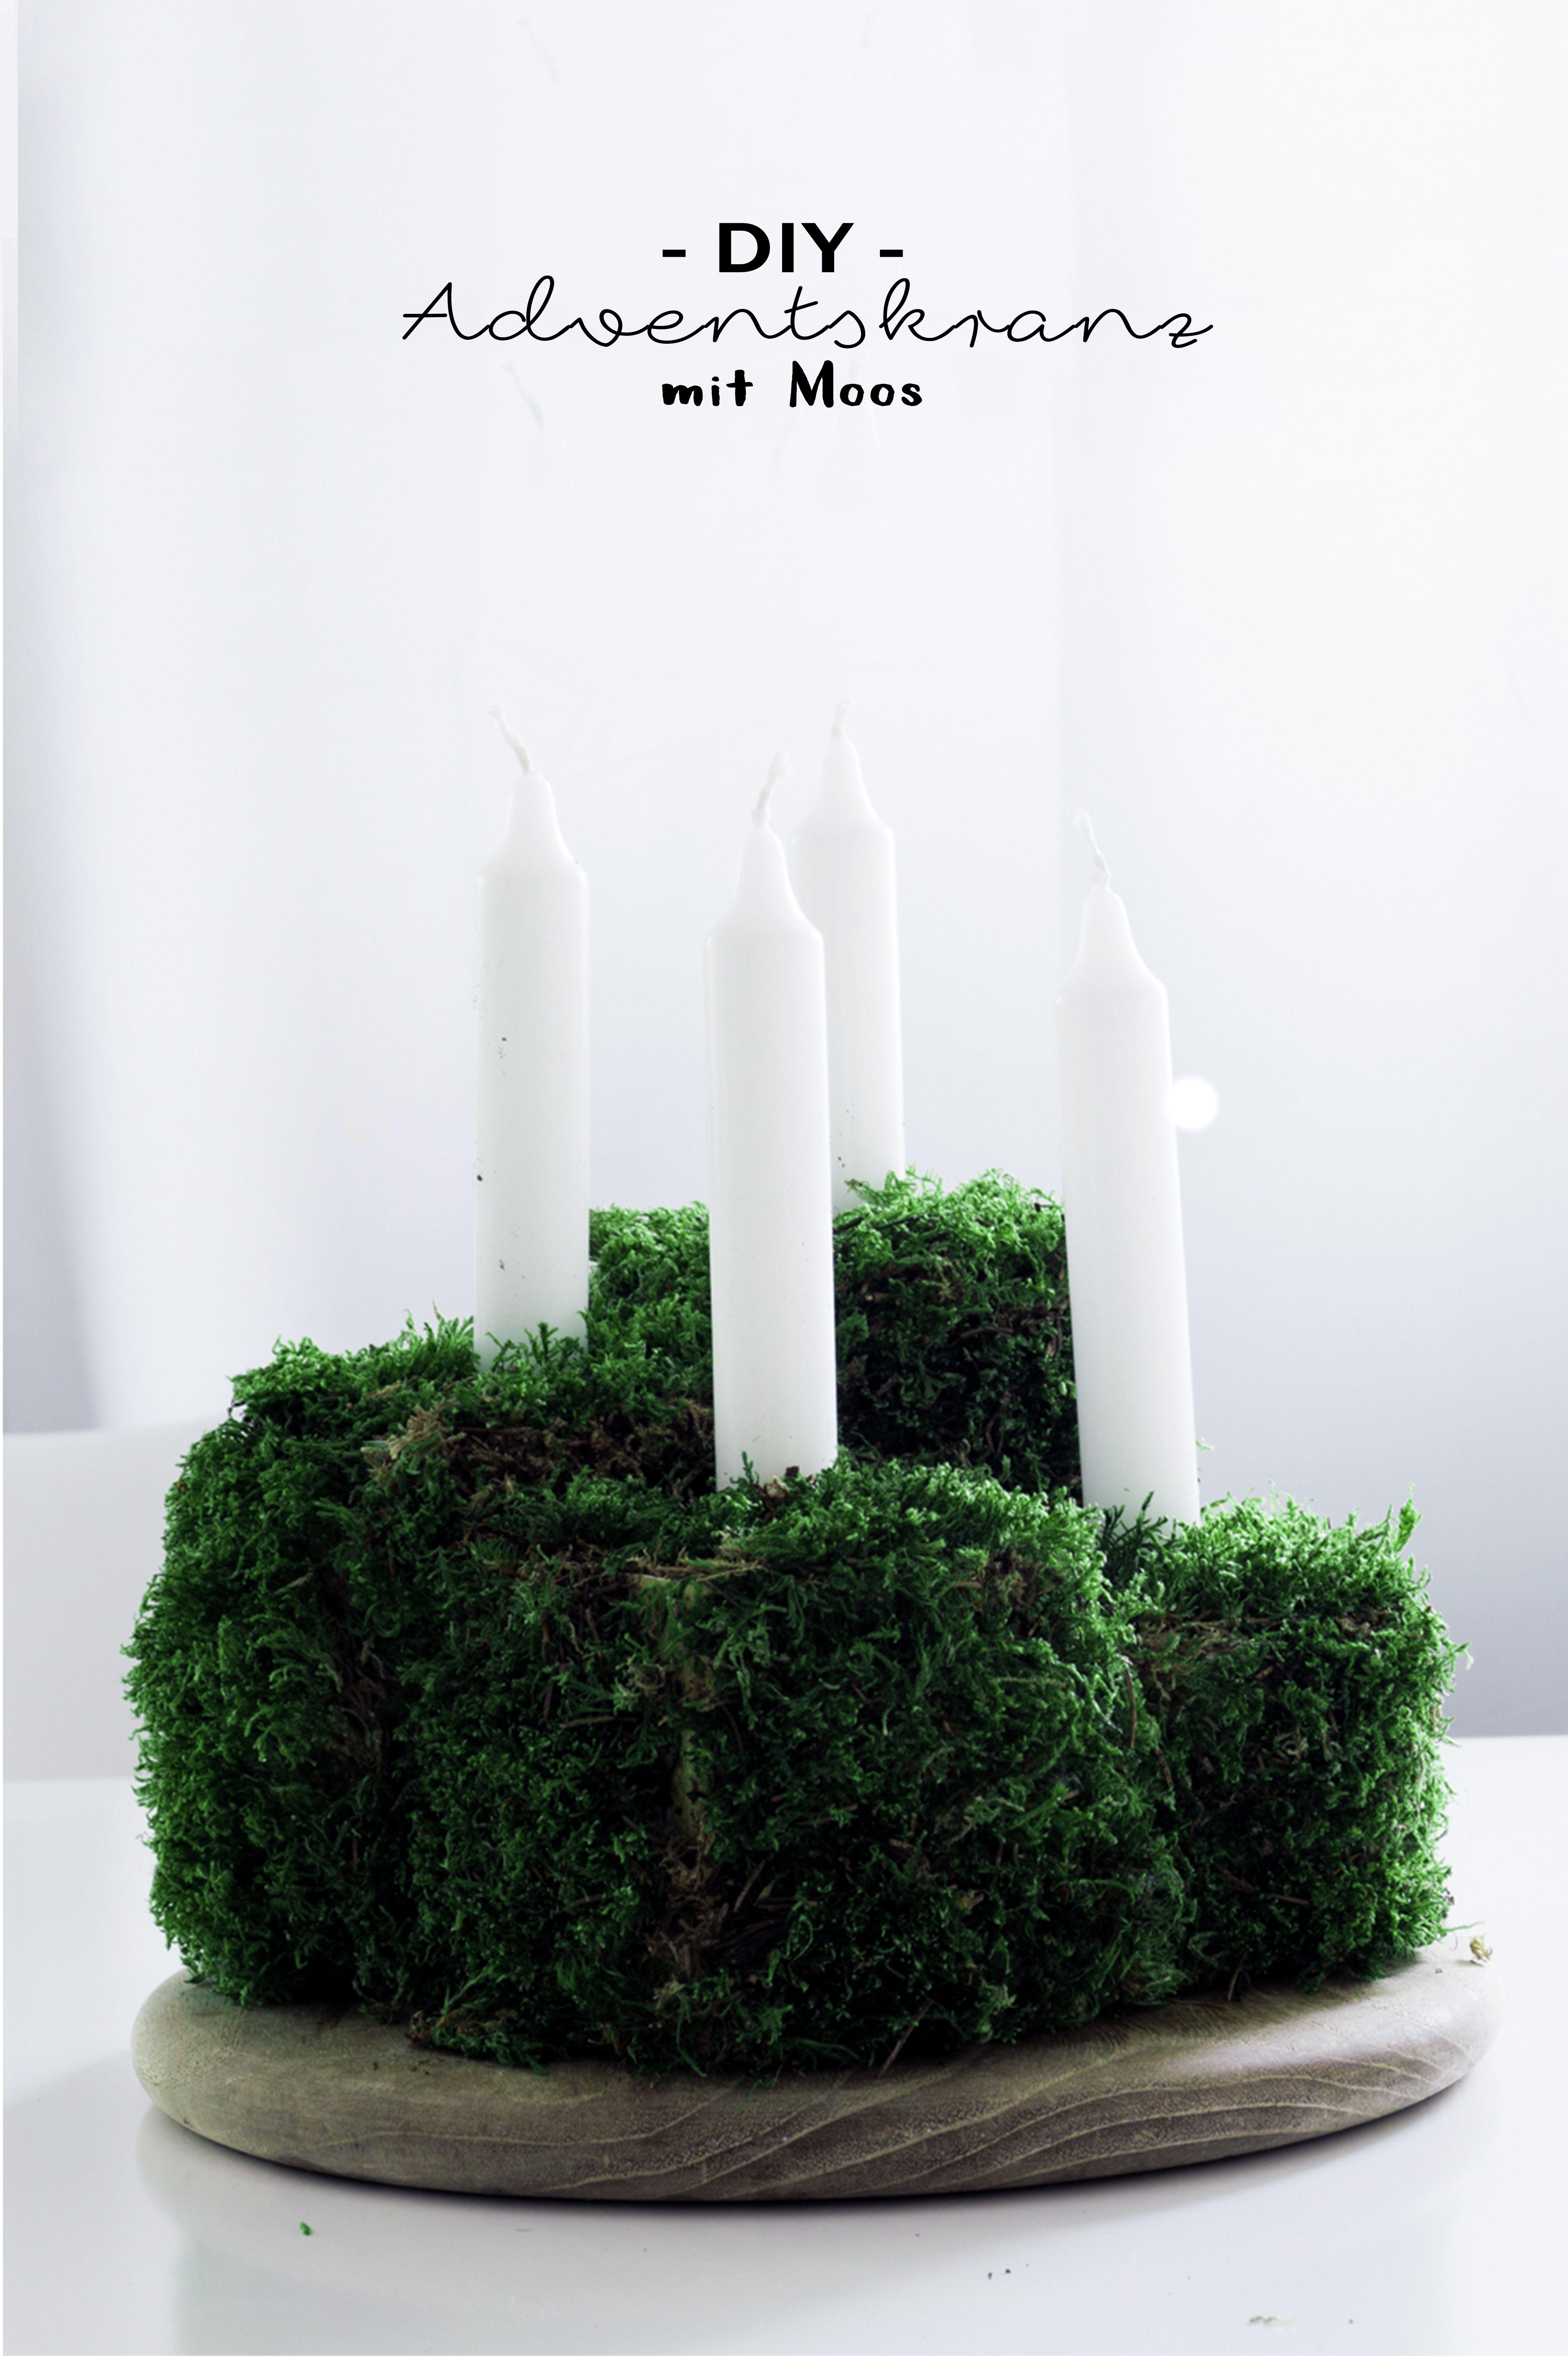 Diy Idee Für Weihnachten Adventskranz Aus Moos Selber Machen Basteln Den Advent Christmas Decoration Deko Ideen Grün